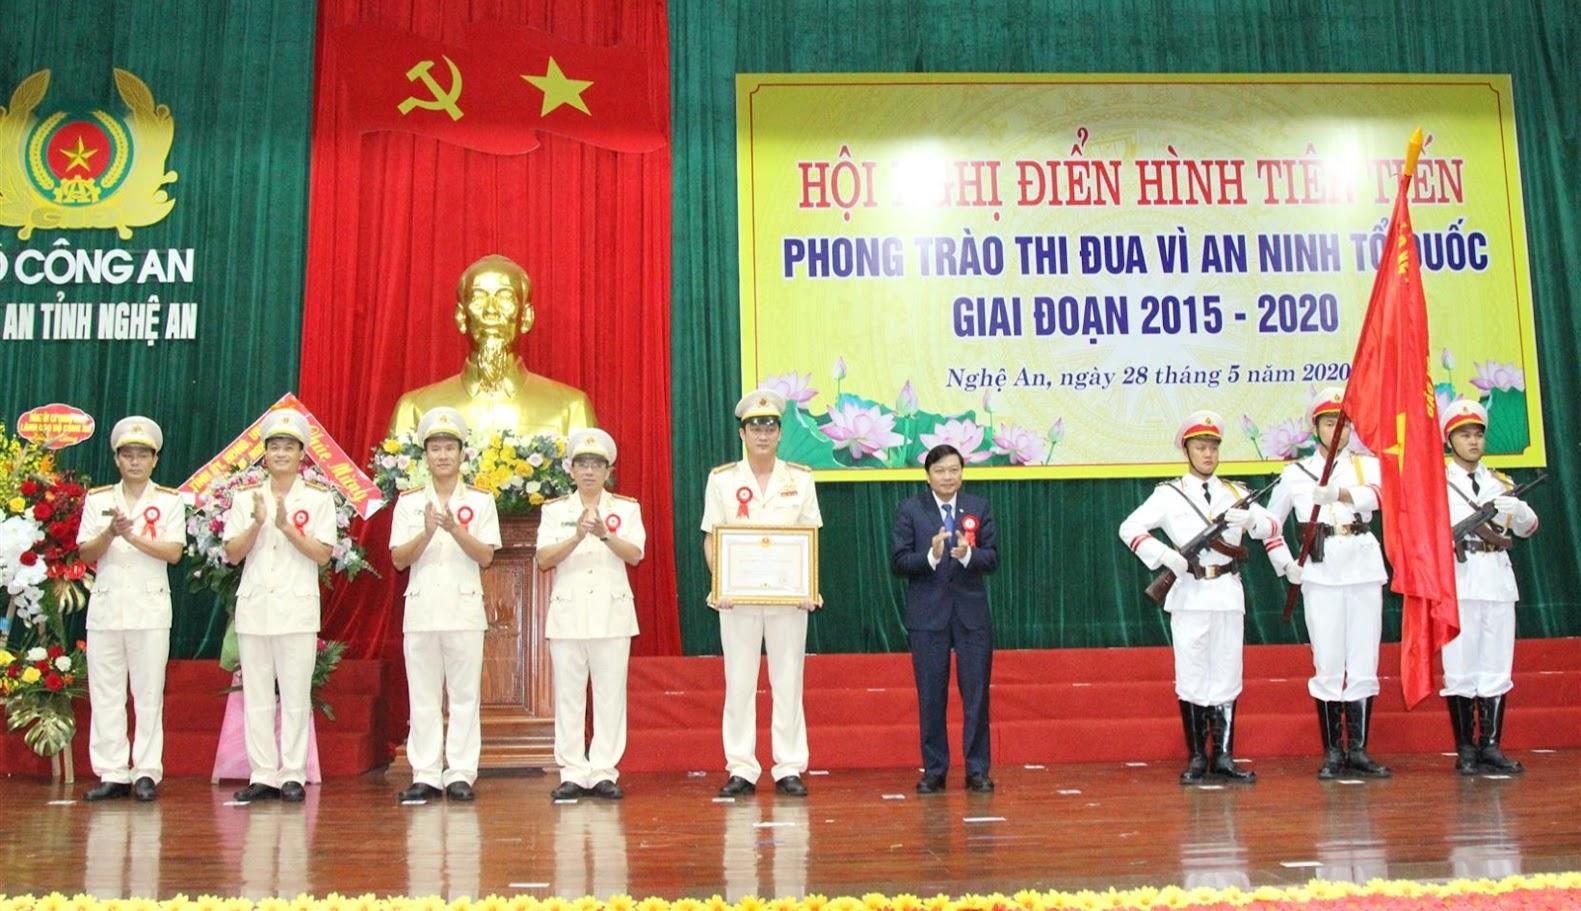 Thừa ủy quyền của Chủ tịch nước, đồng chí Lê Hồng Vinh, Ủy viên BTV Tỉnh ủy, Phó Chủ tịch thường trực UBND tỉnh gắn Huân chương Bảo vệ Tổ quốc hạng Nhất cho Công an TP Vinh